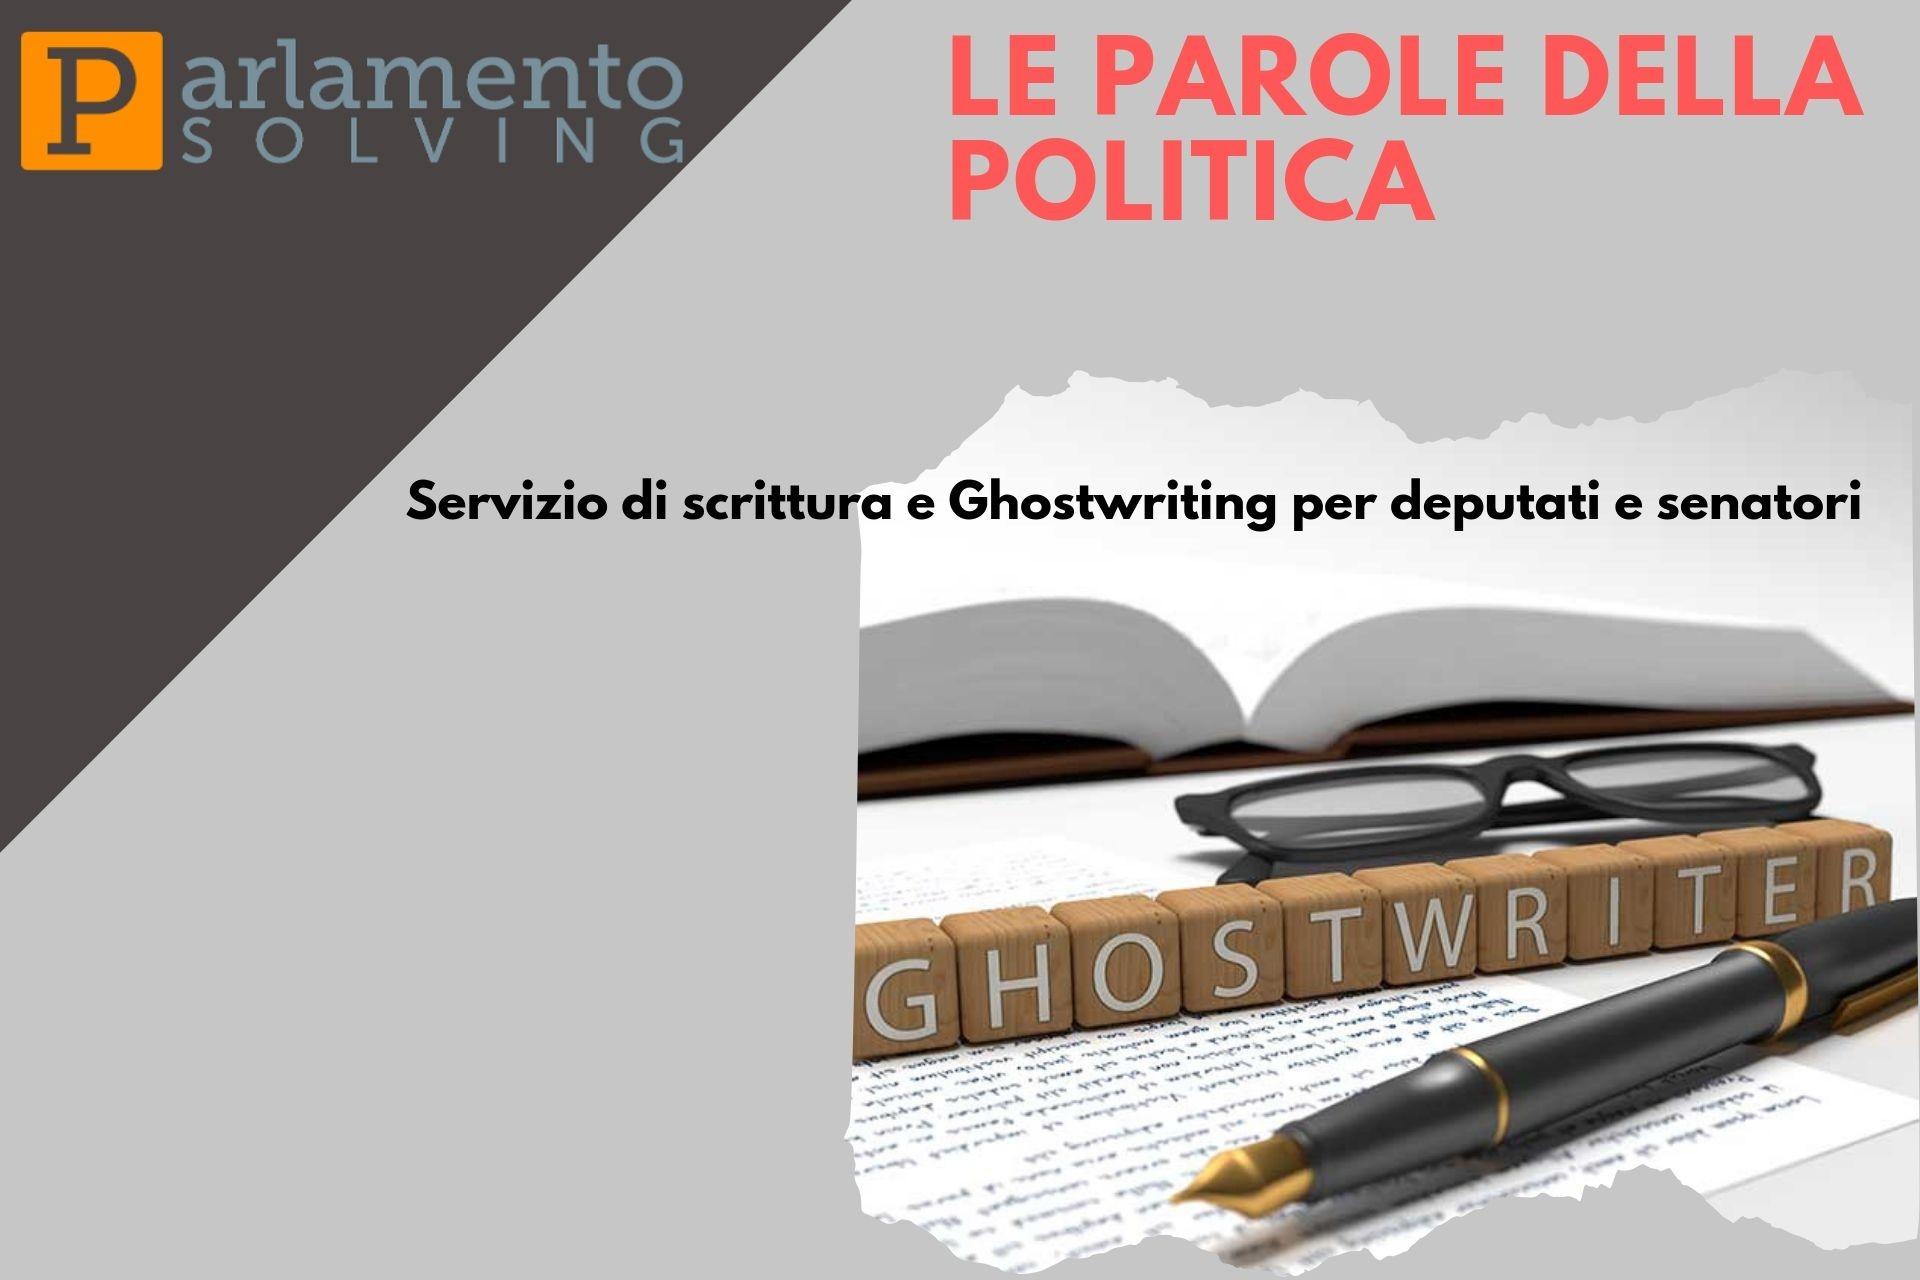 Le parole della politica - servizio di ghostwriting